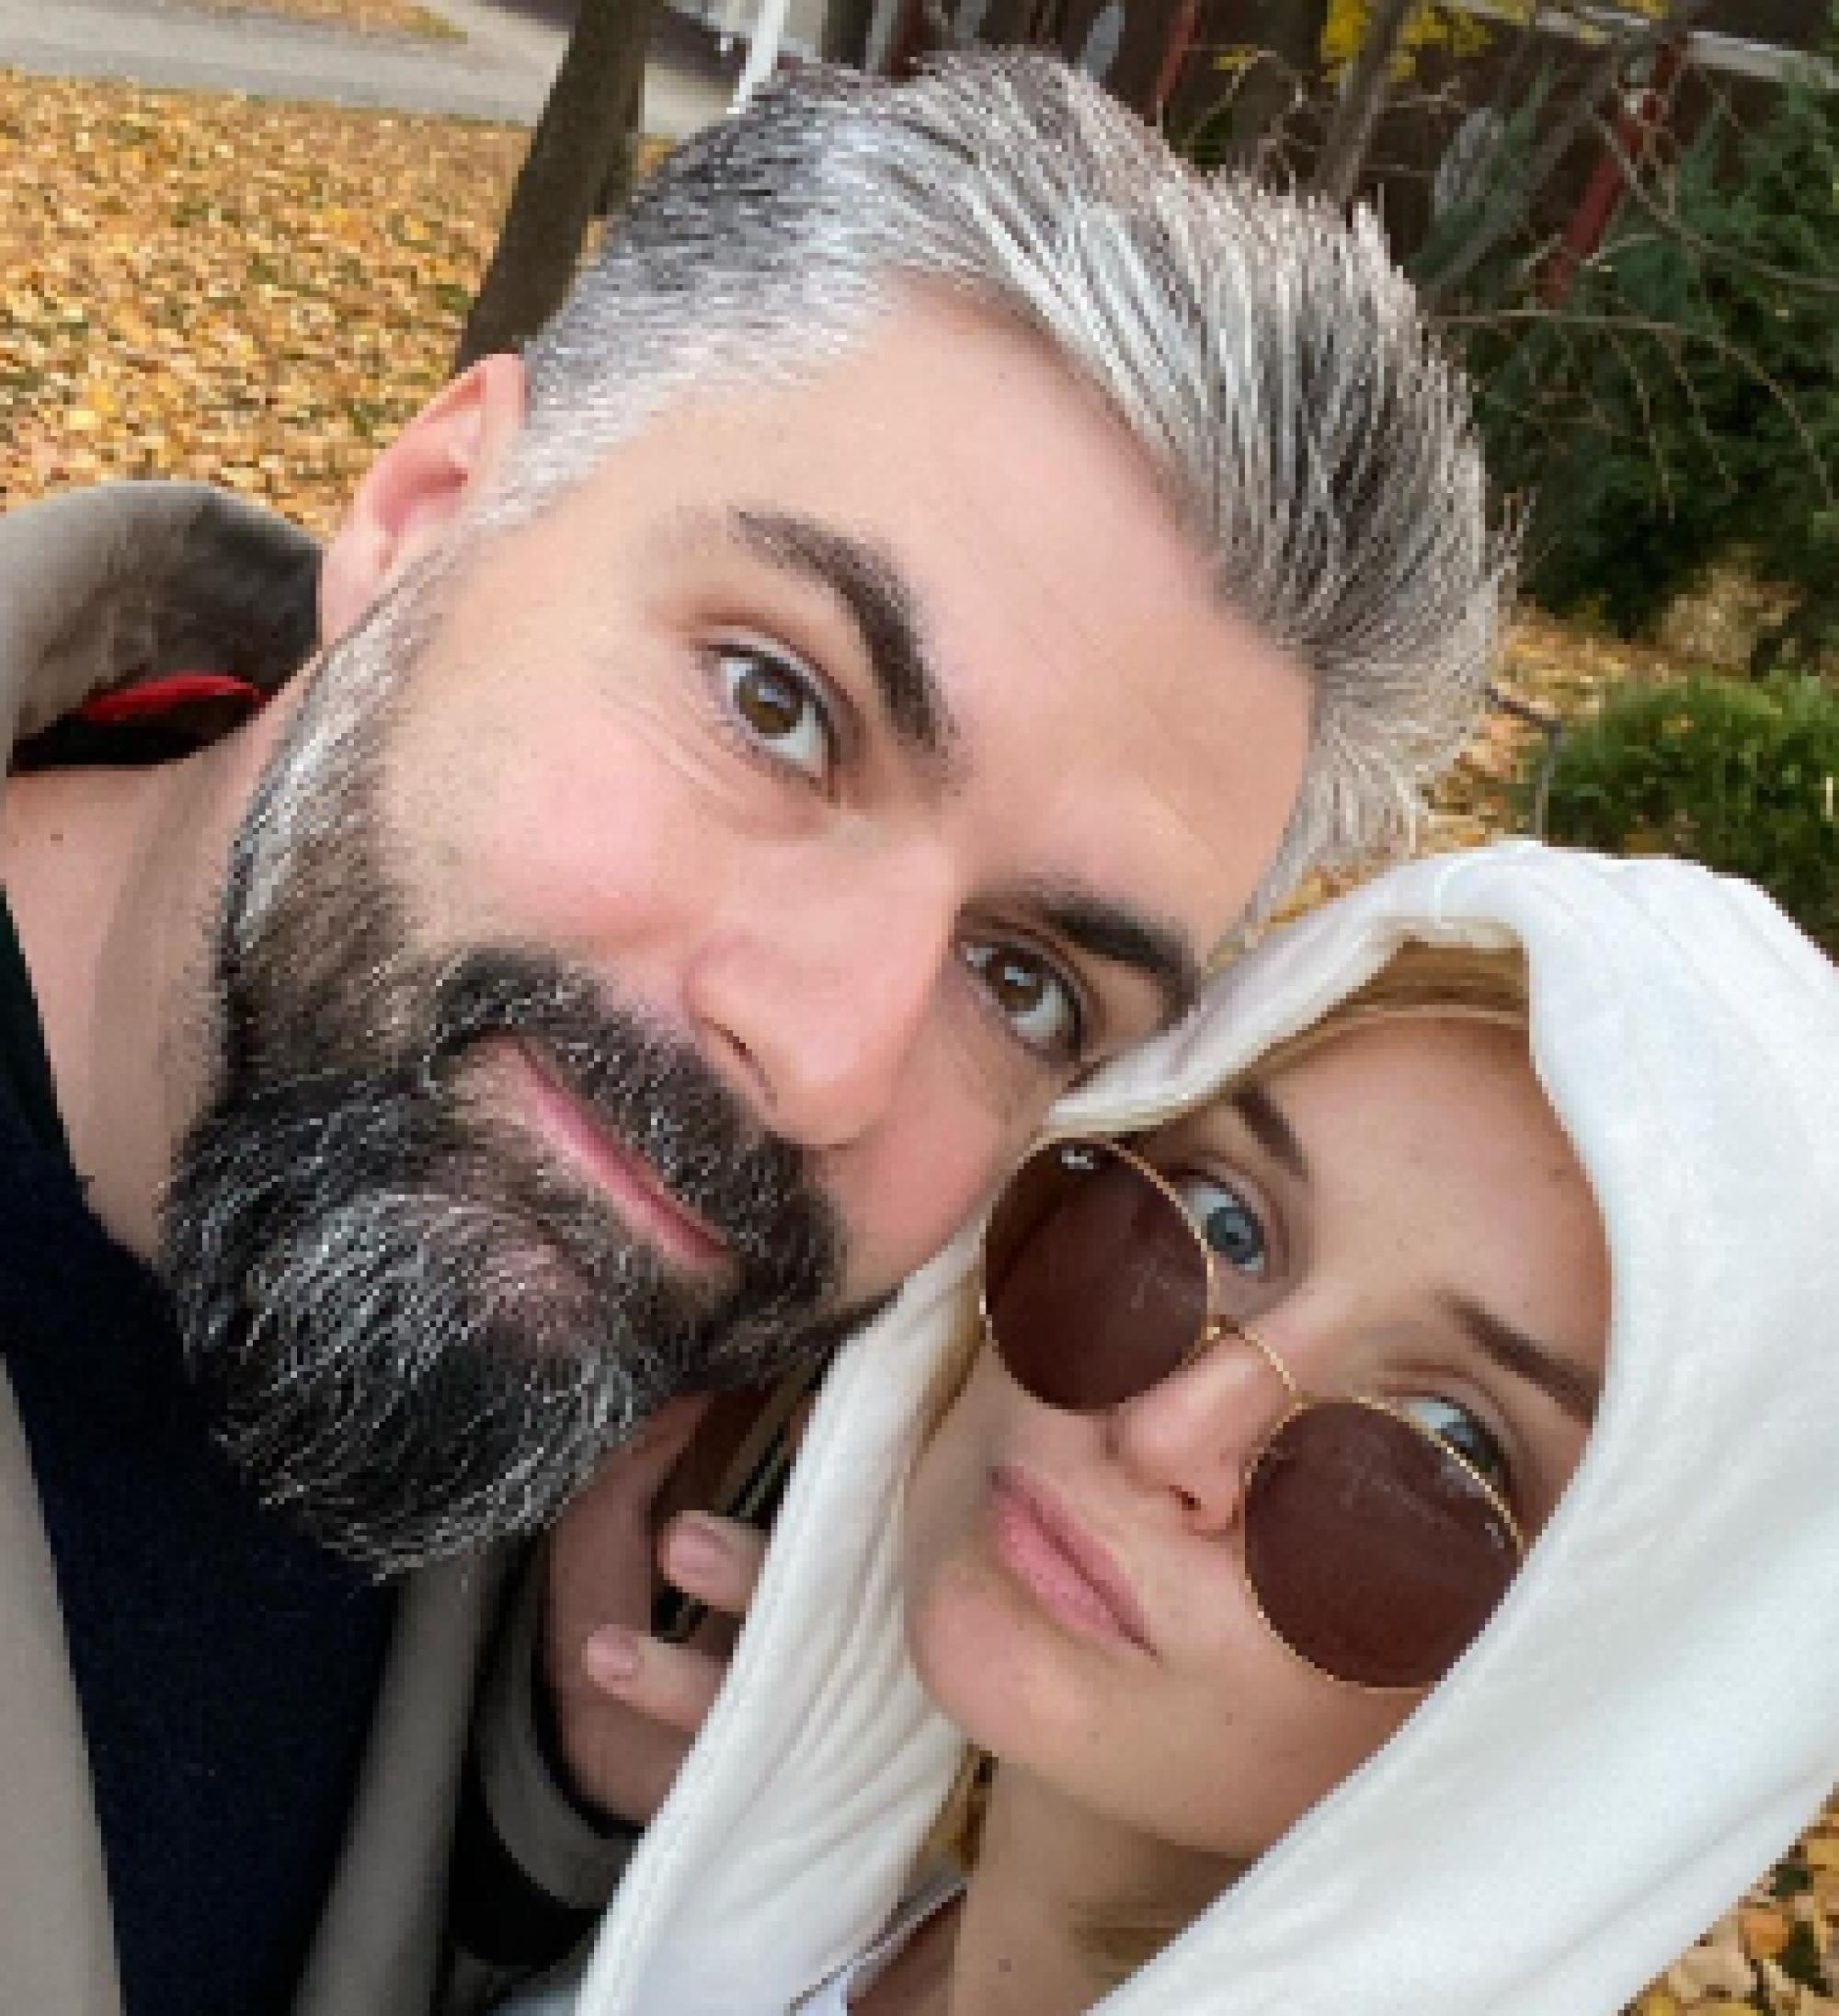 СМИ: Полина Гагарина ушла от мужа, уволив его из своей компании